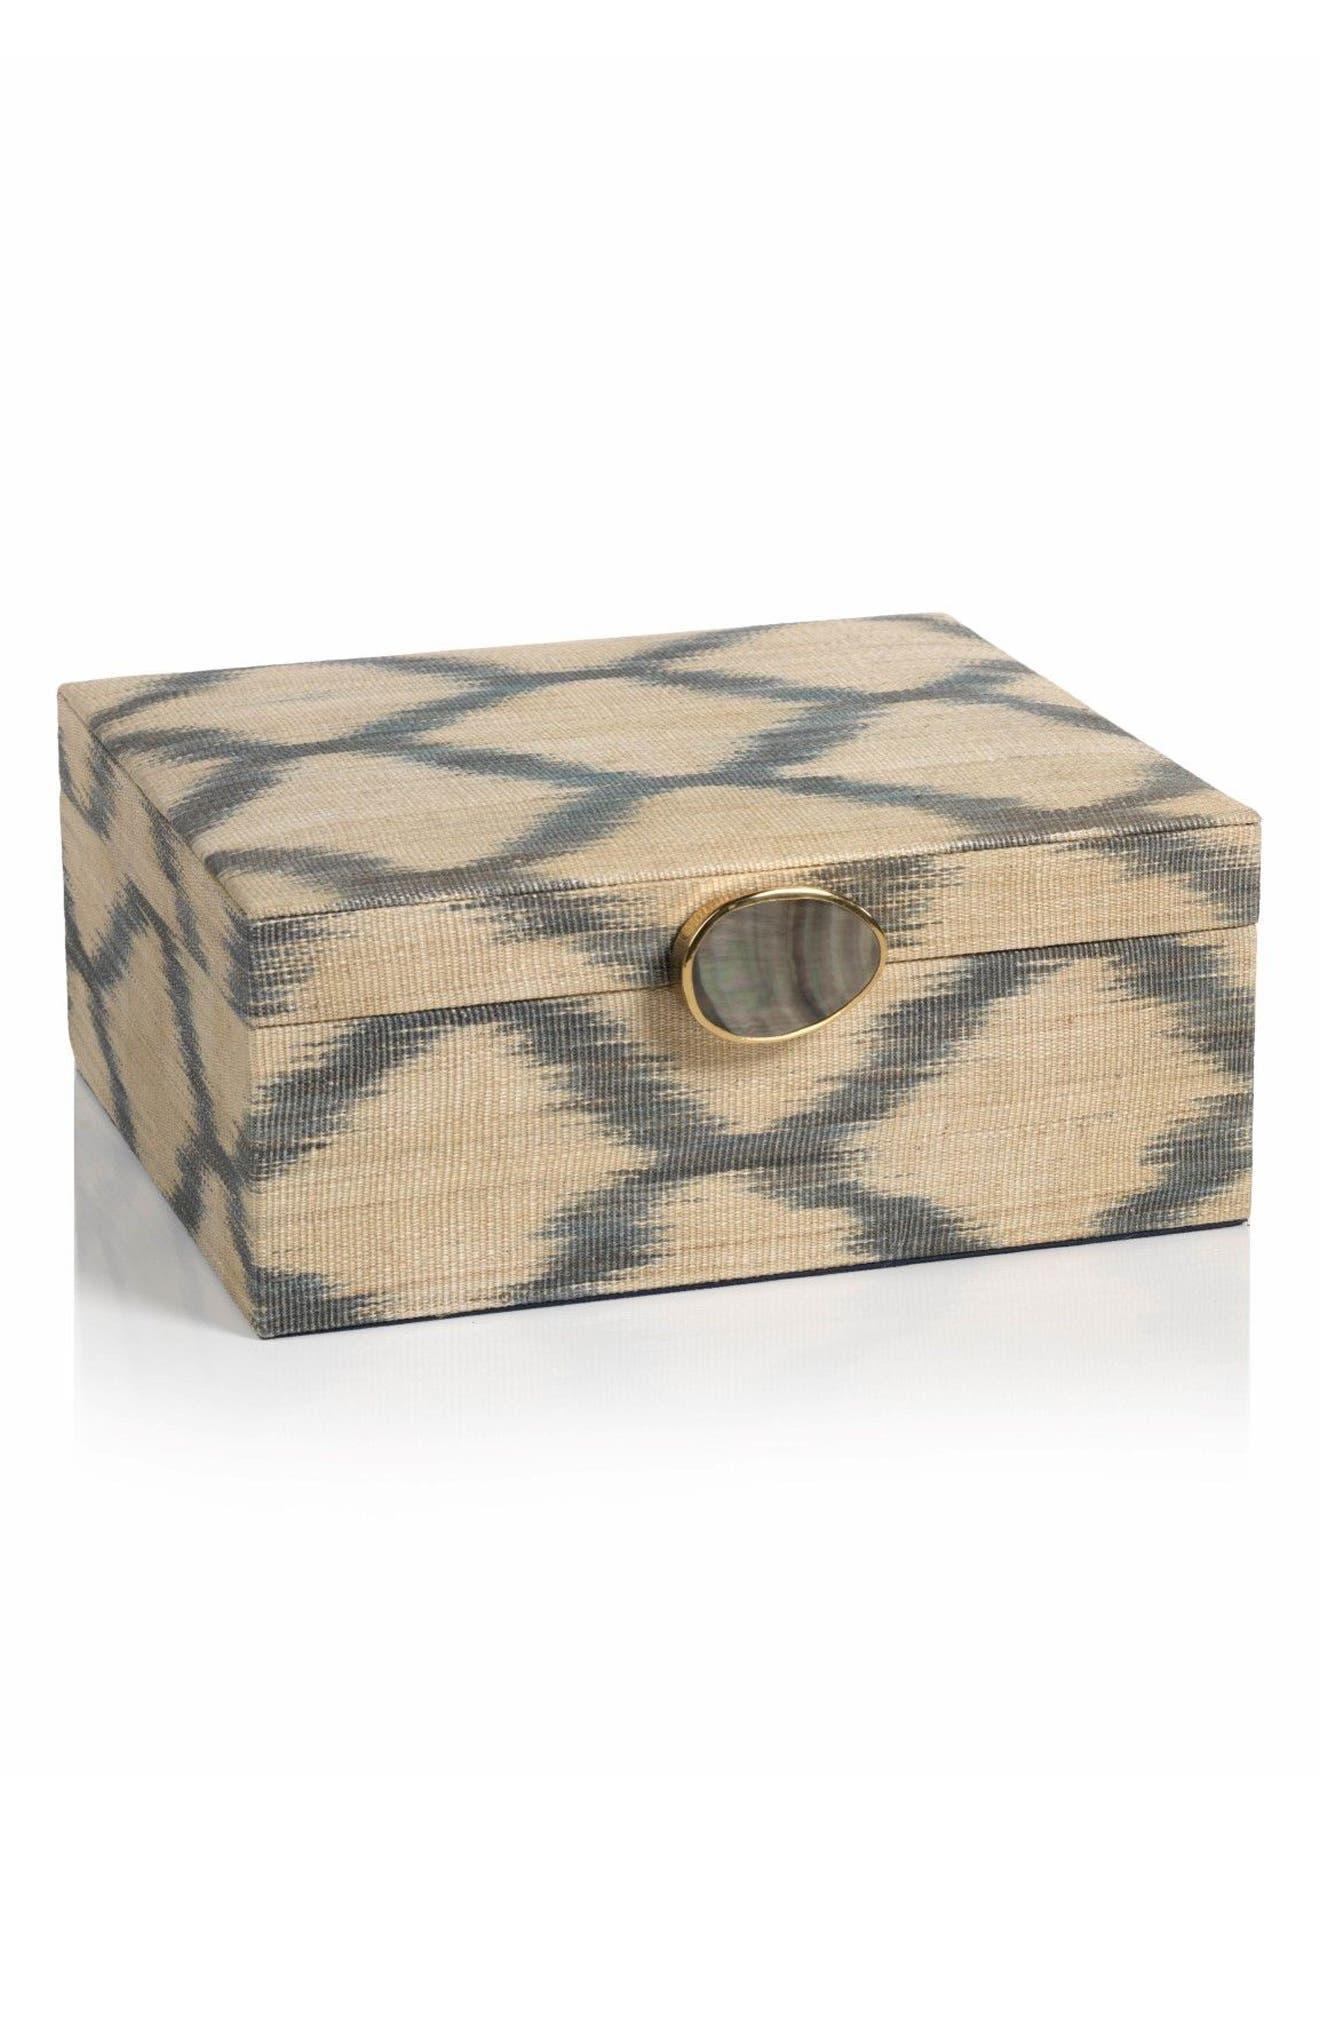 Zodax Large Ikat Storage Box